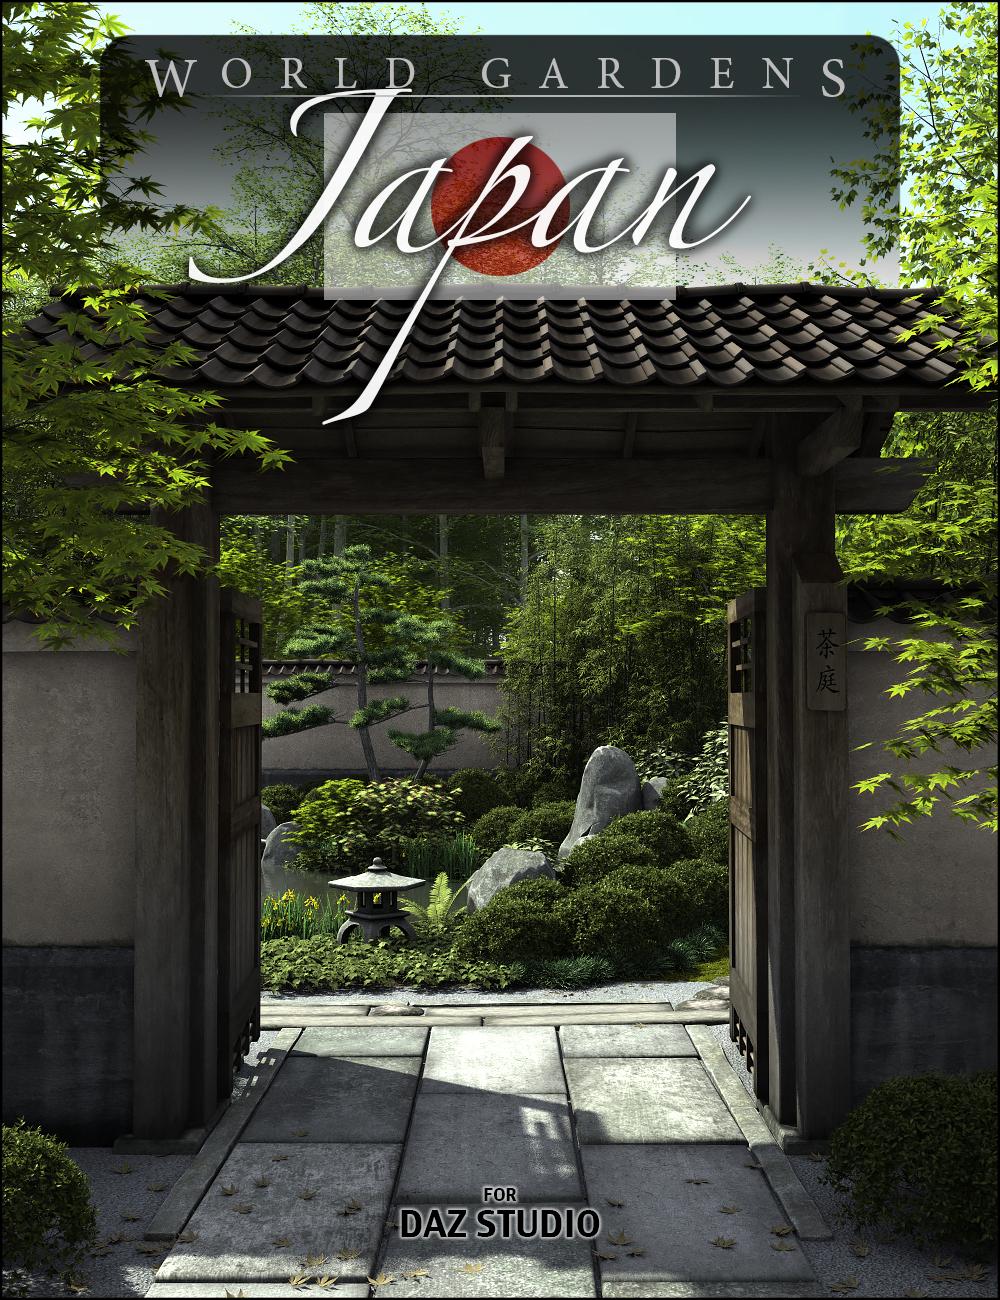 World Gardens Japan for Daz Studio by: HowieFarkes, 3D Models by Daz 3D